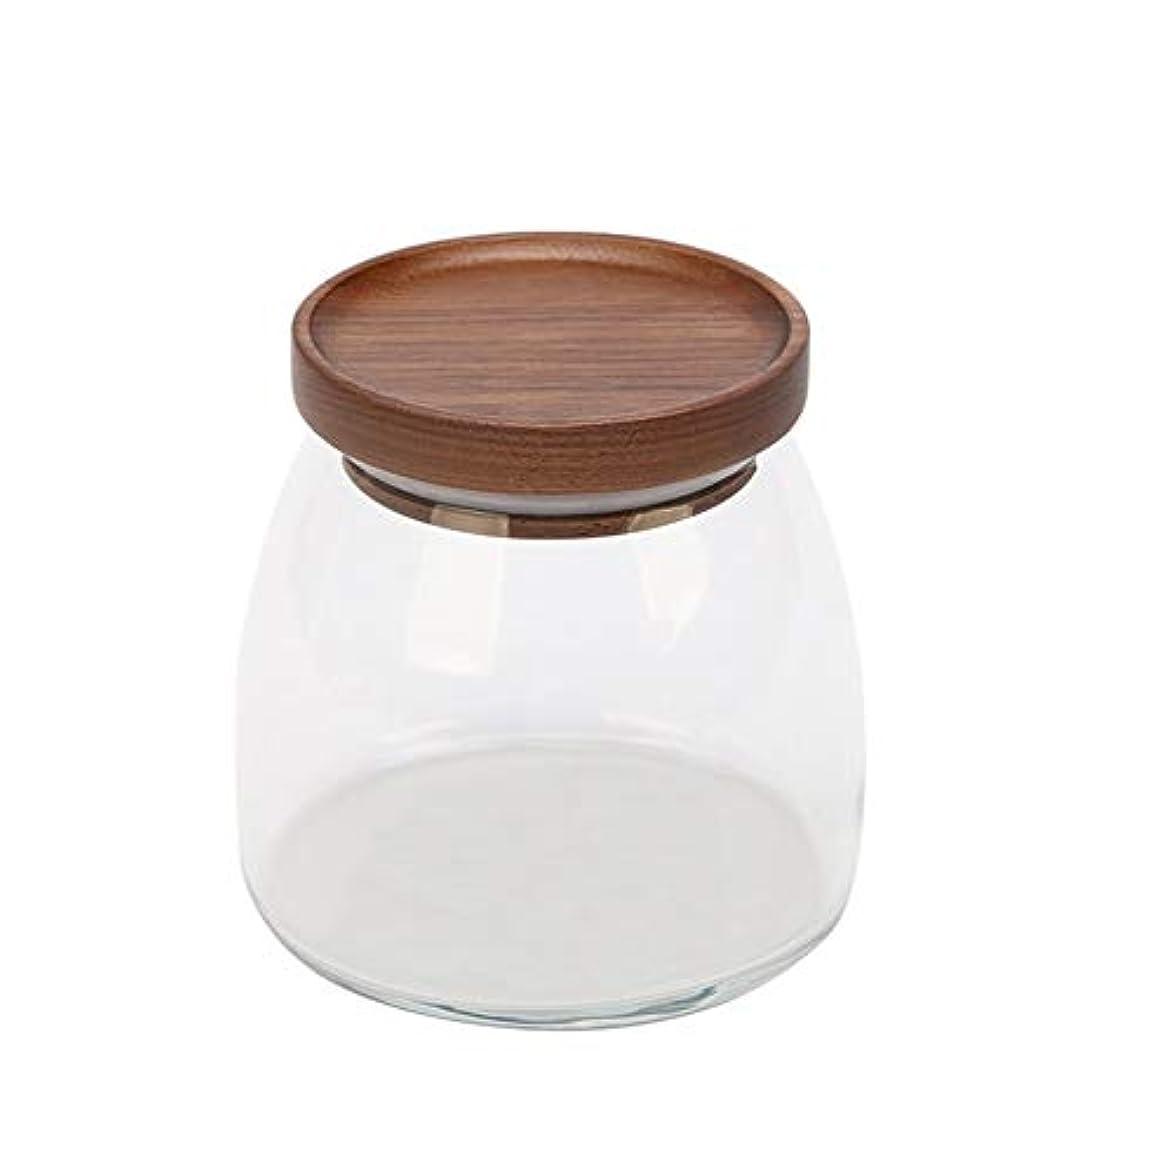 負荷噴出する計算貯蔵タンク、透明ガラス貯蔵タンク、家庭用食品、茶瓶